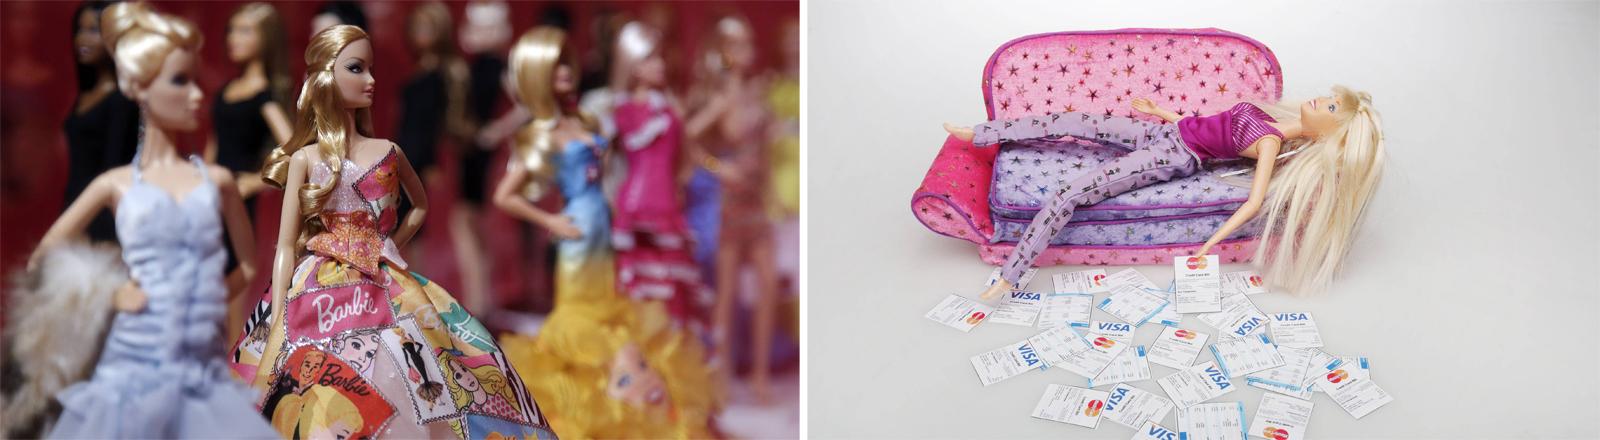 Barbie wird 60: Aufnahme aus einer italienischen Barbieausstellung 2016 (links)  und eine Barbie die von Rechnungen übermannt wird (rechts)